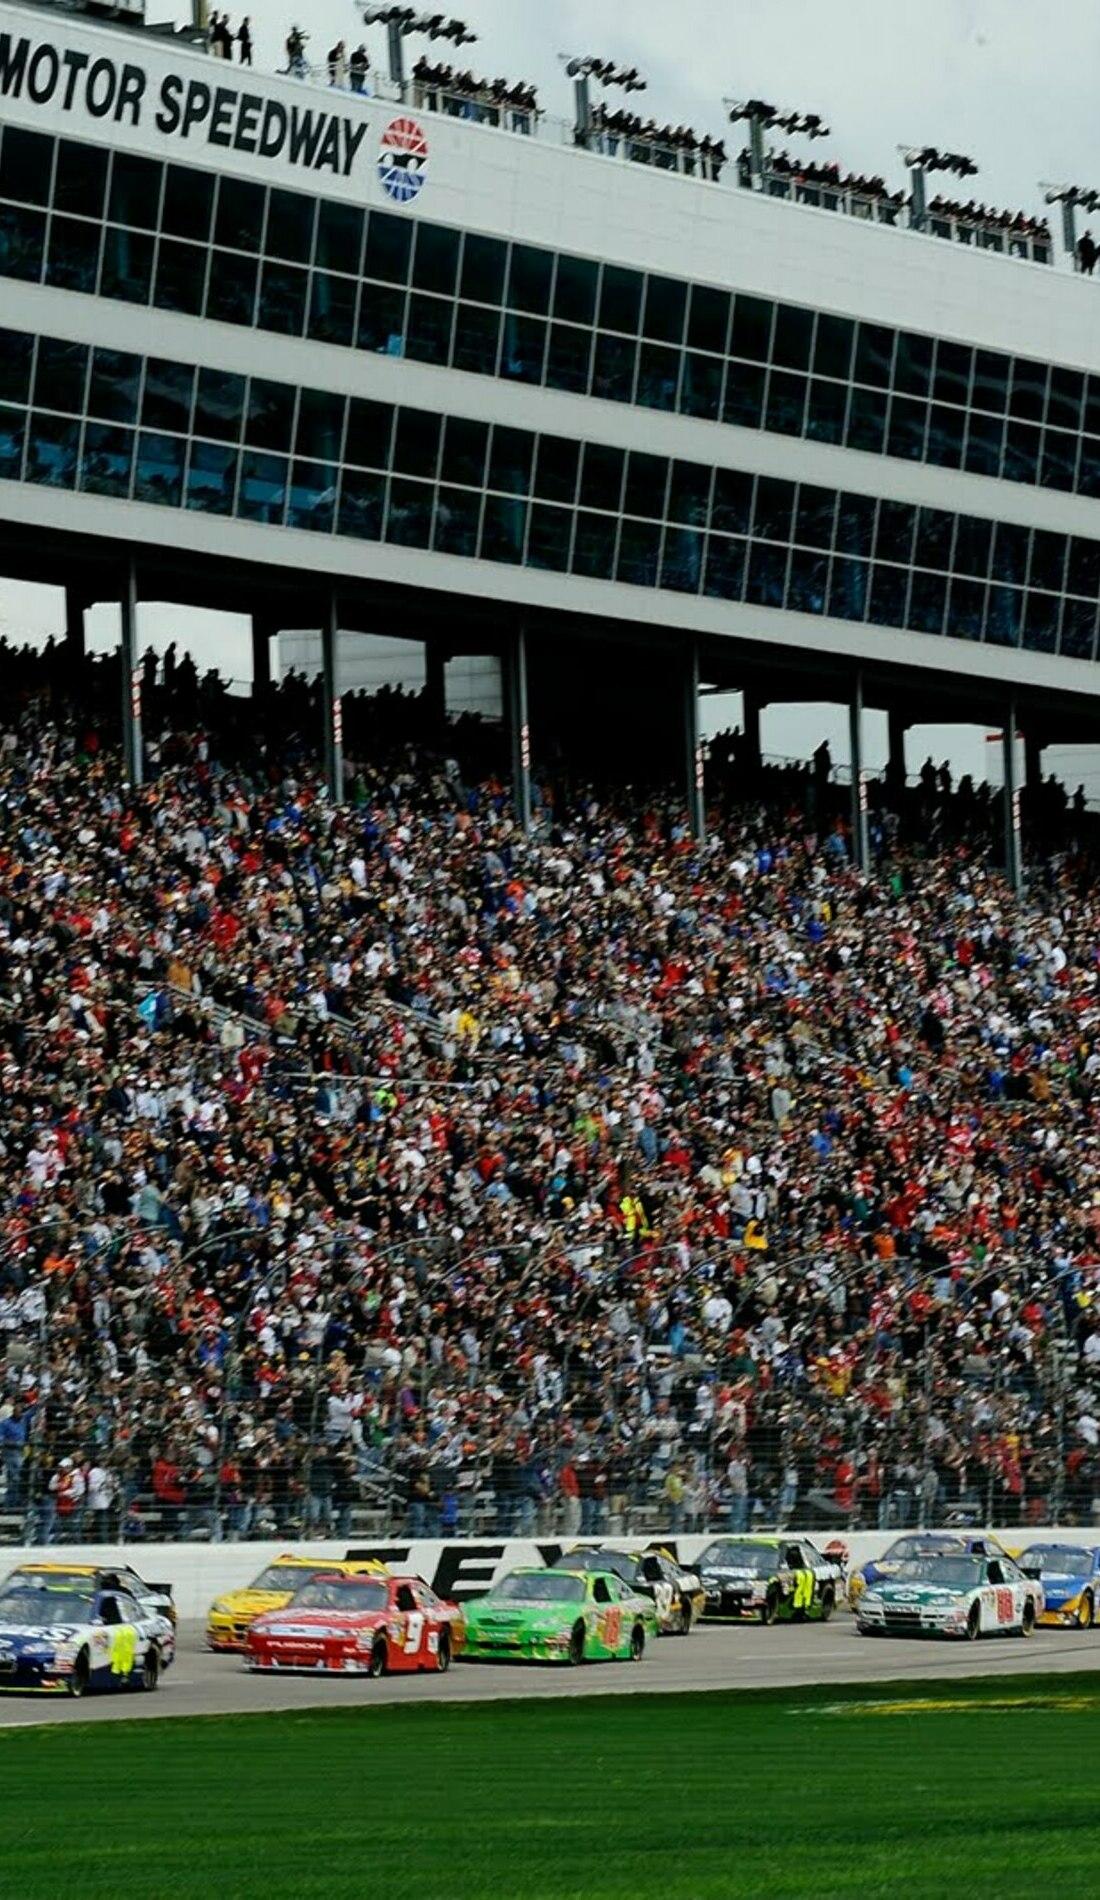 A Texas Motor Speedway Race live event